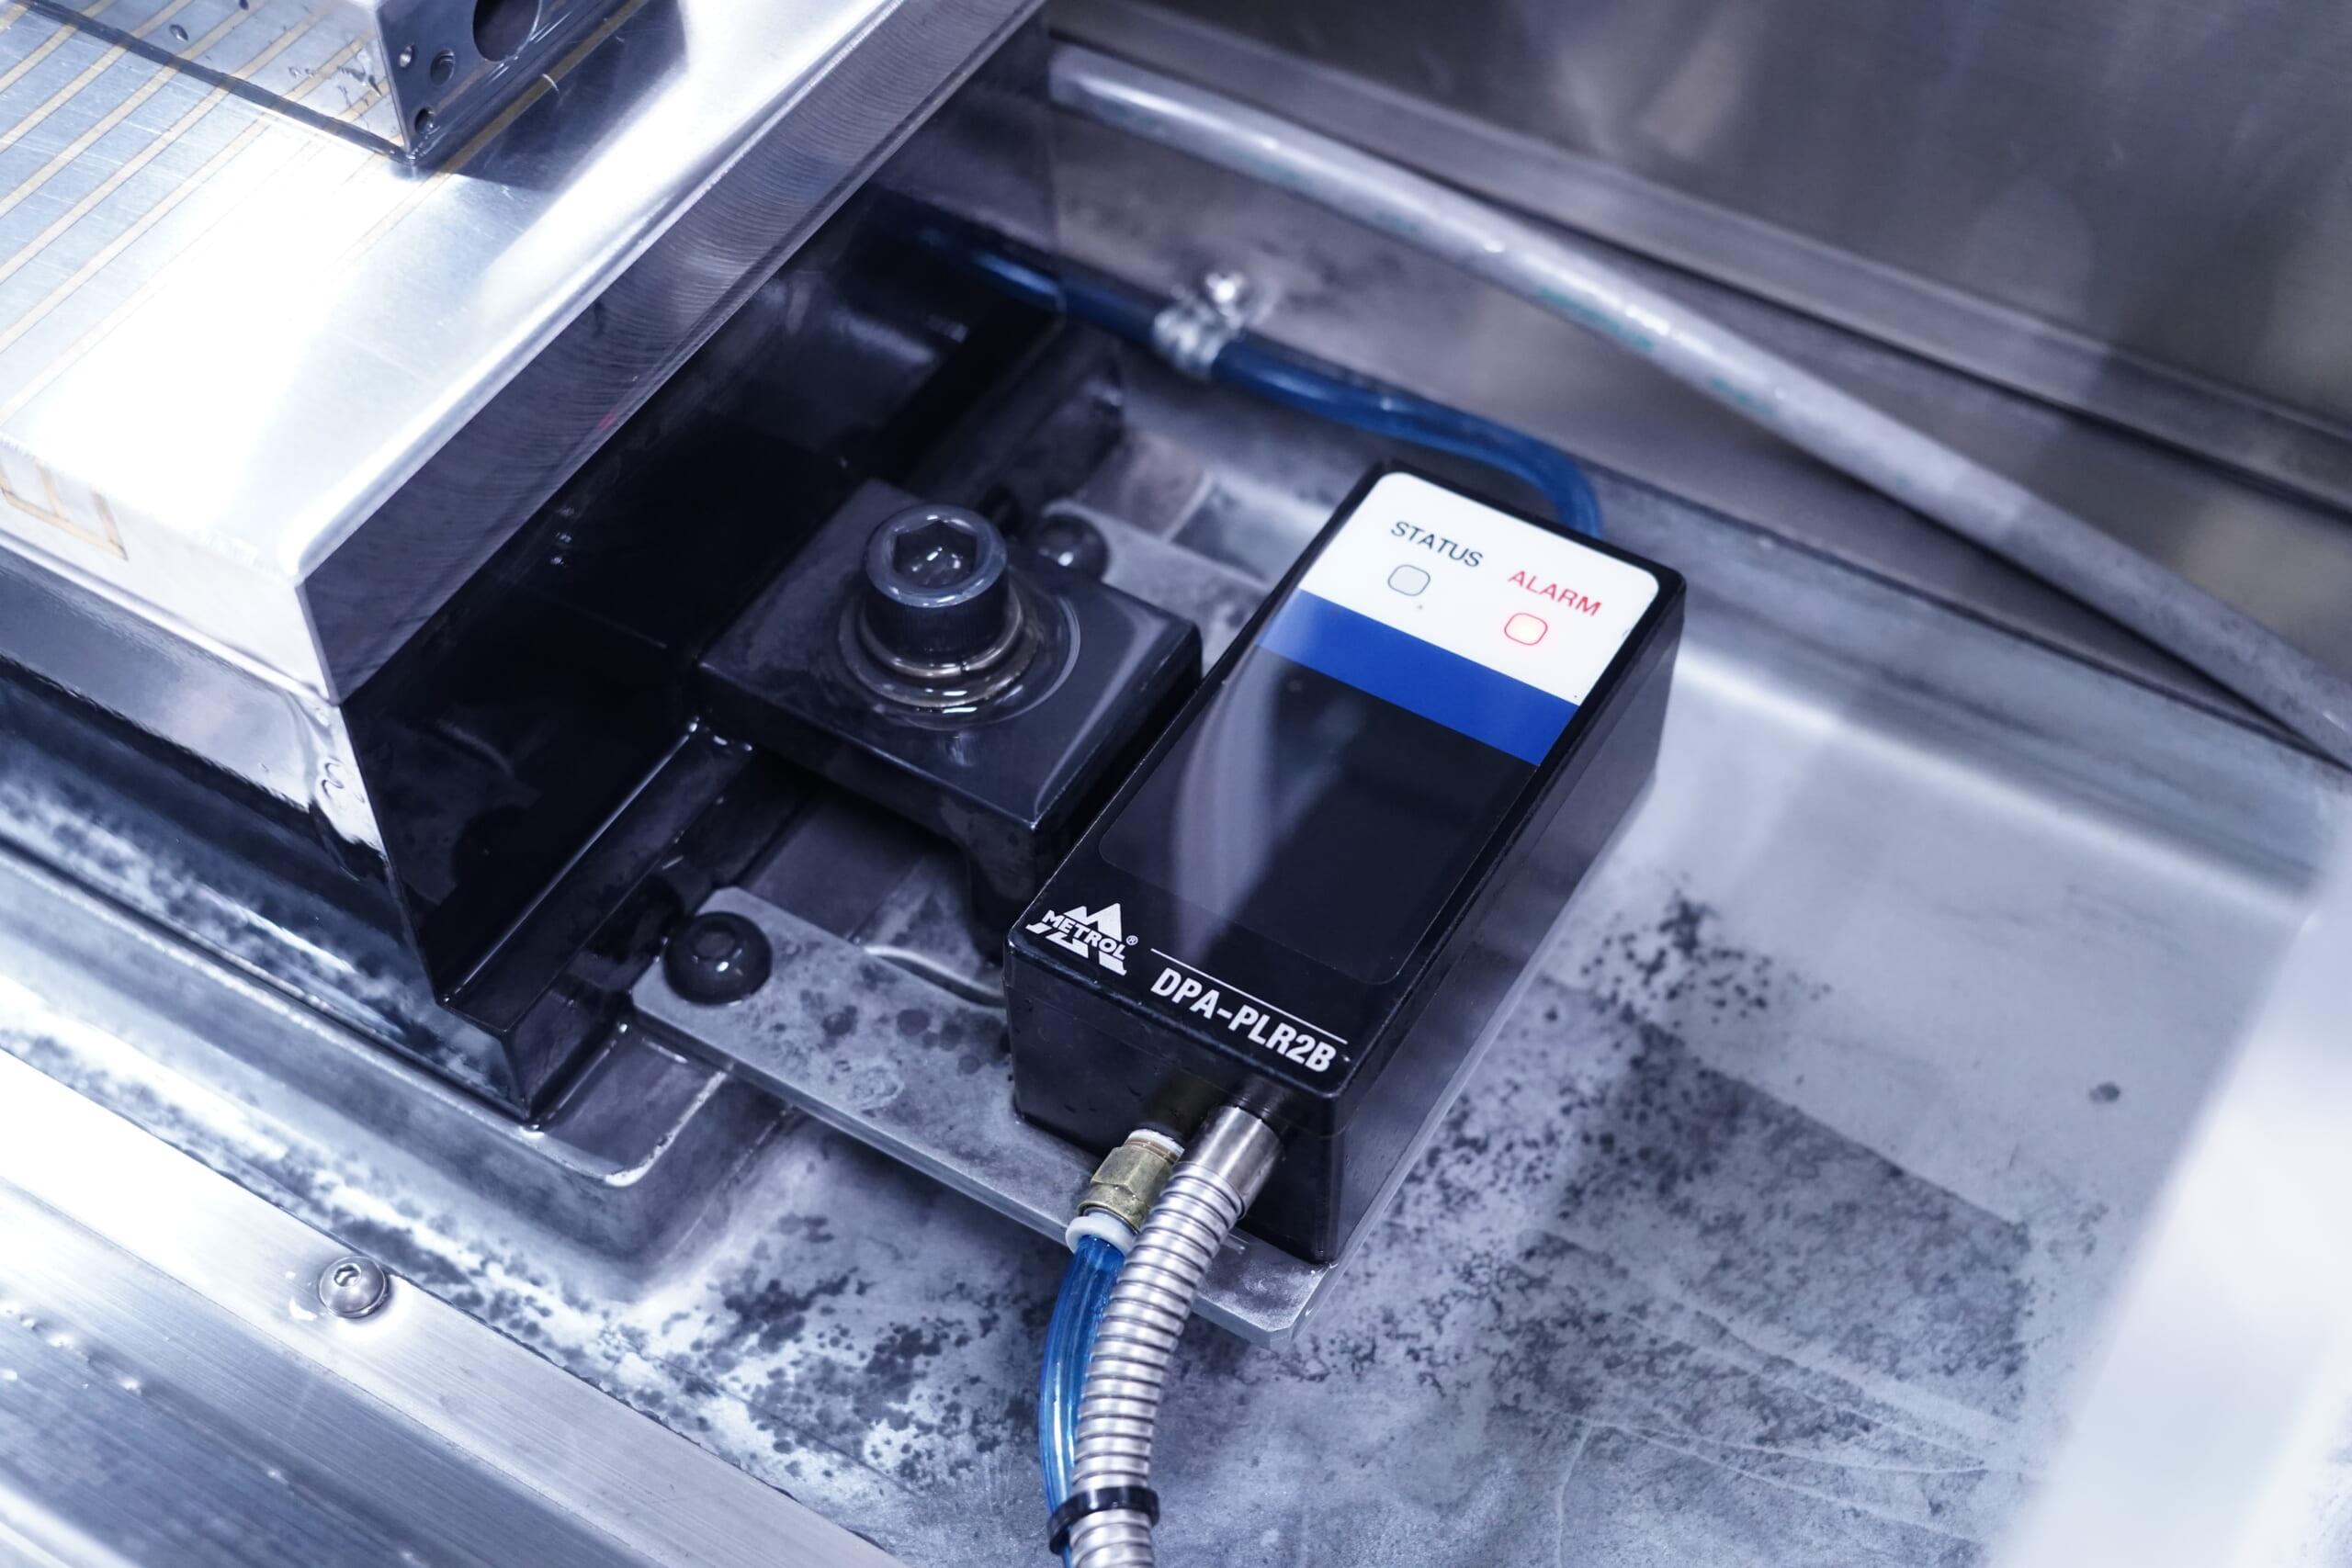 NC平面研削盤 に搭載されたエアマイクロセンサDPA-PLR2B